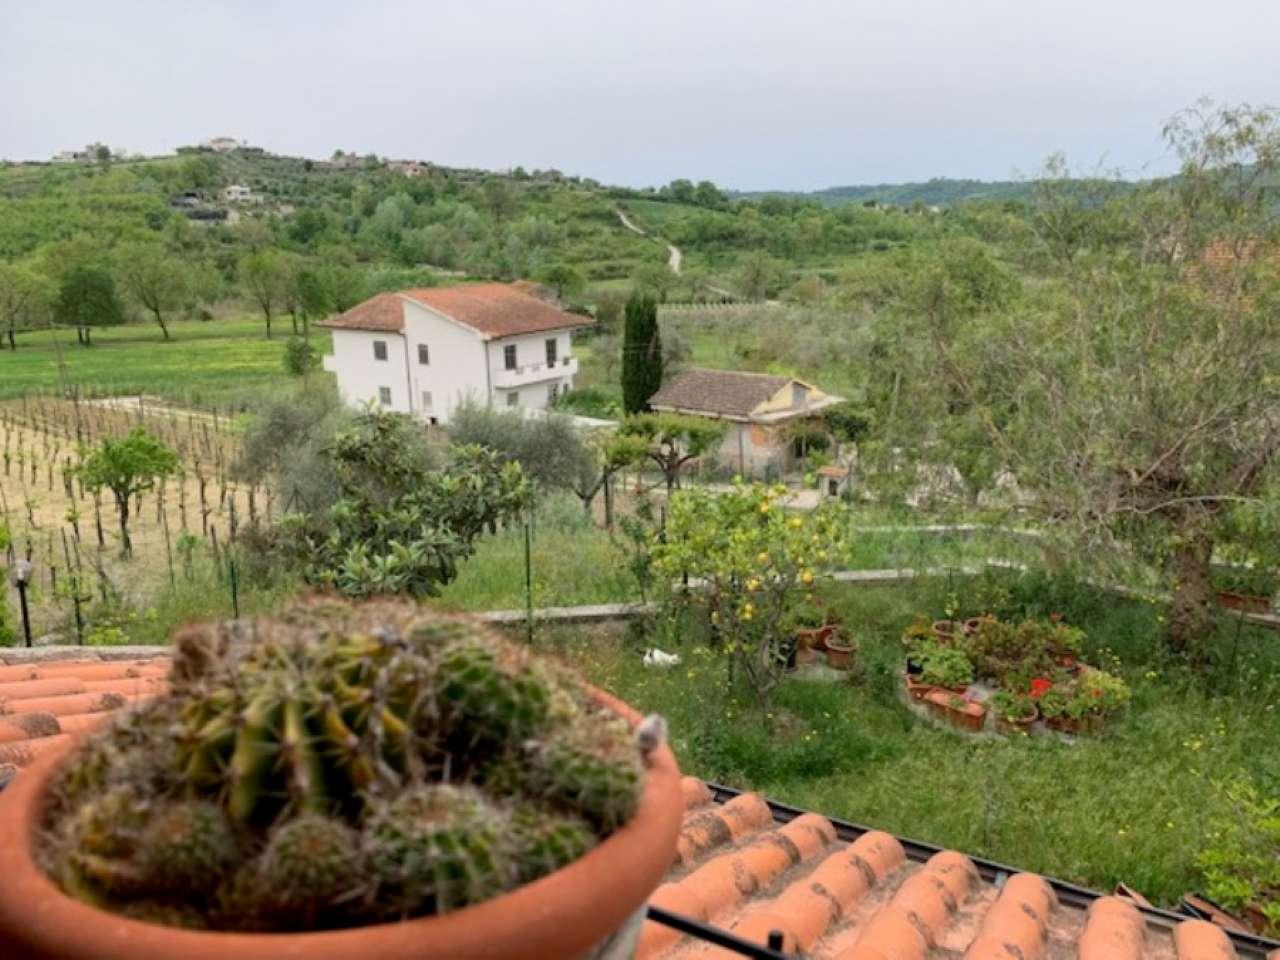 Villa in vendita a Santi Cosma e Damiano, 5 locali, prezzo € 250.000 | CambioCasa.it